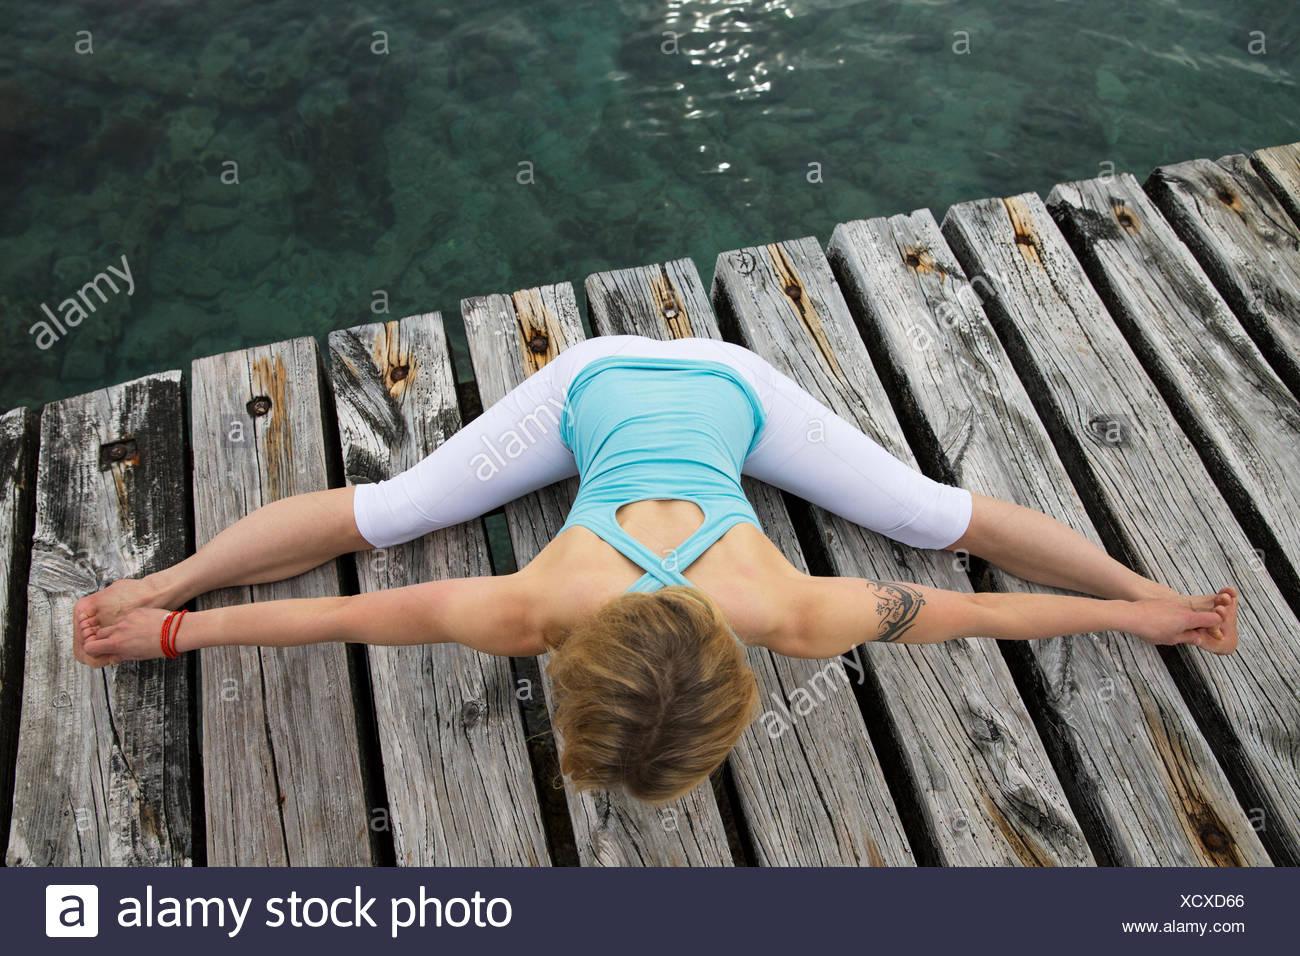 Vista aérea de mediados de mujer adulta con brazos y piernas extendidas practicando yoga en Mar del muelle de madera Foto de stock